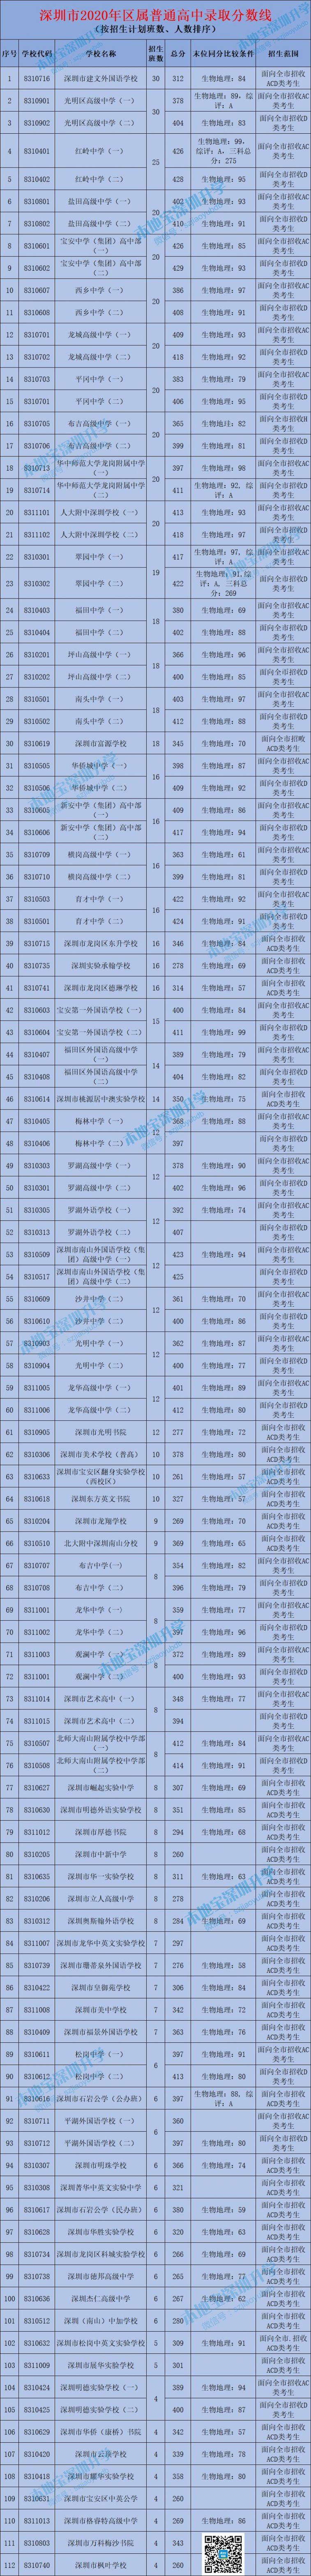 深圳中考录取分数线2020(公民办普通高中+中职学校)